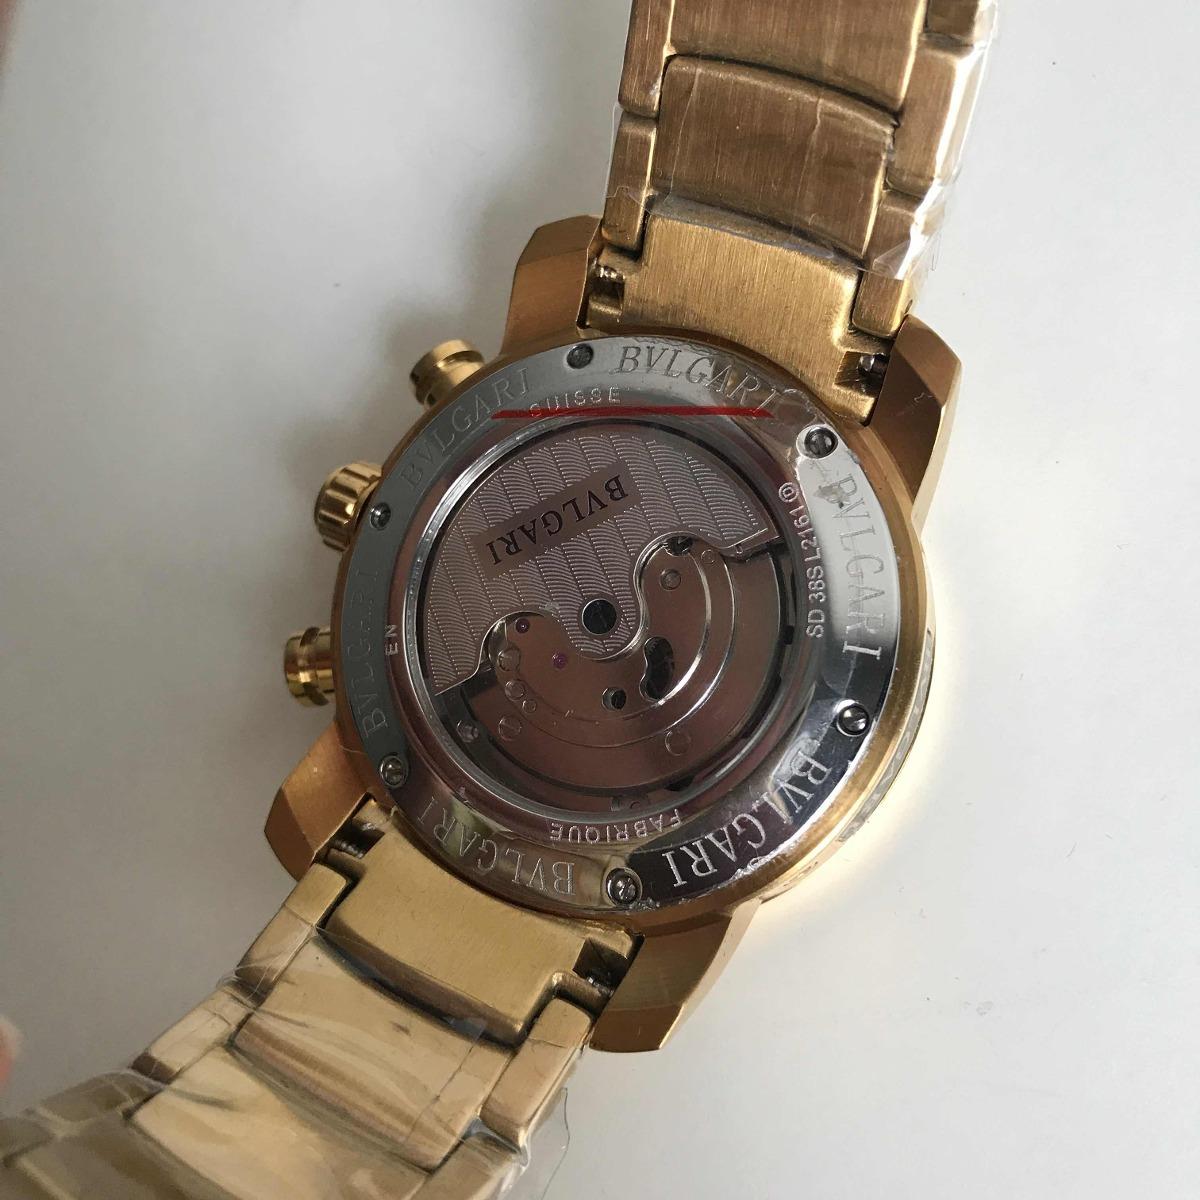 6e77a308c42 Relógio Bvlgari Iron Man Dourado Automático